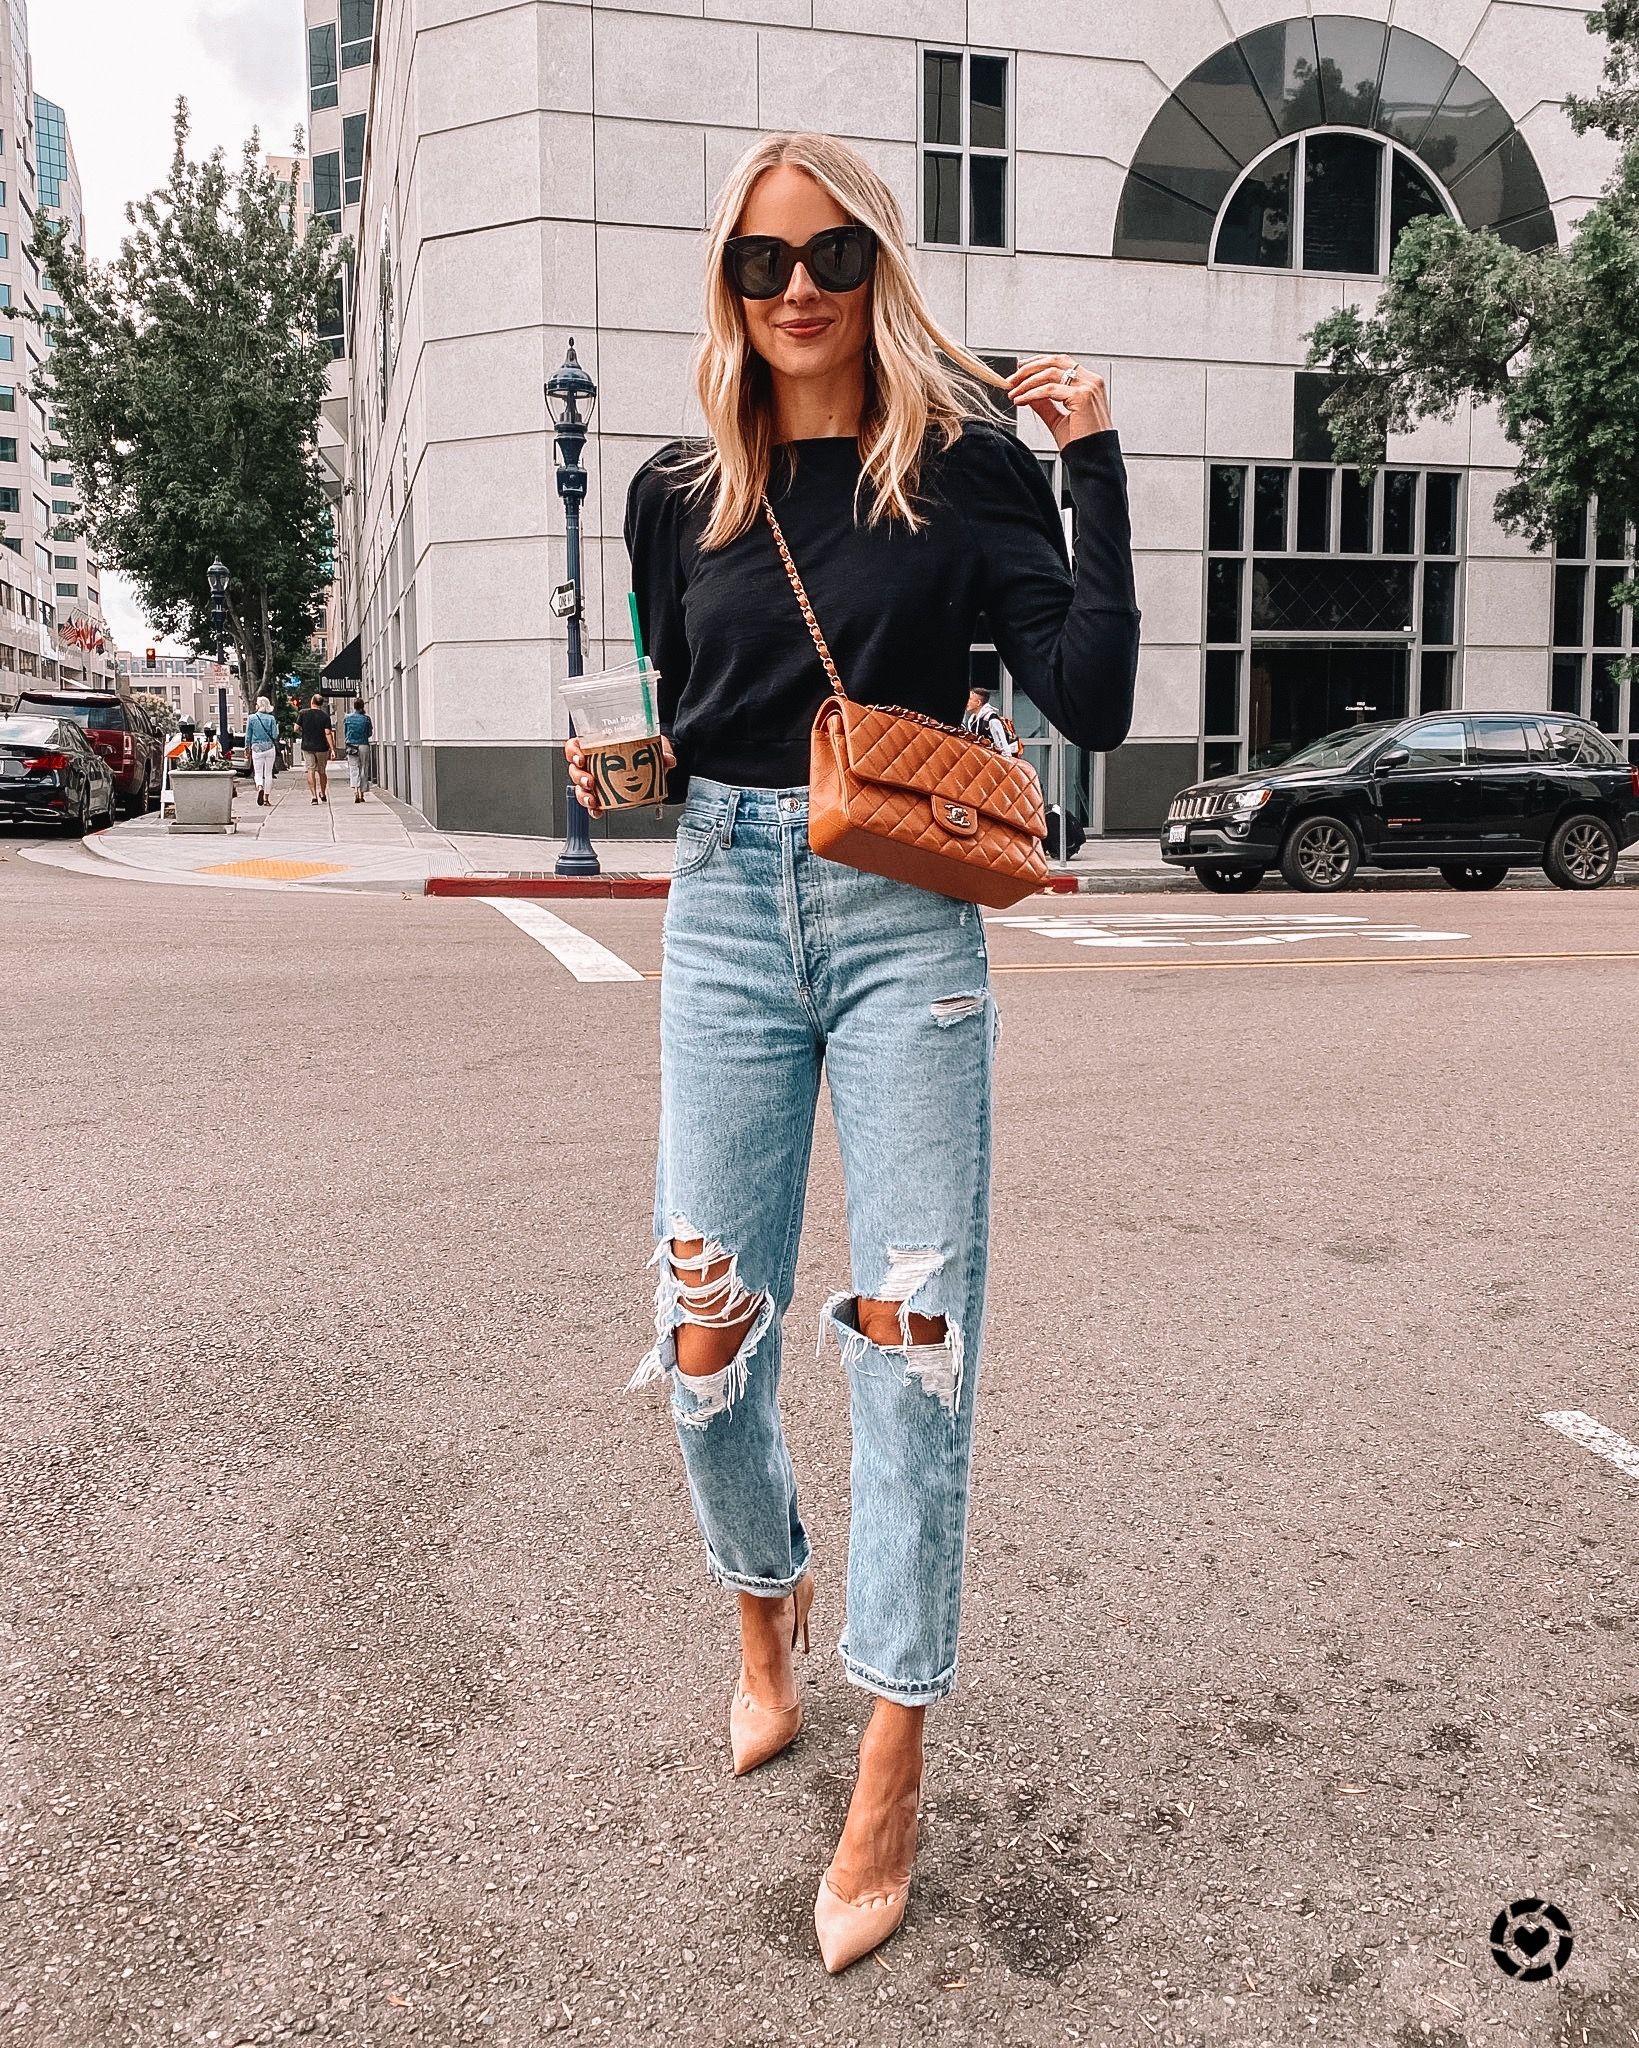 Zerrissene Jeans und Absätze, brauner Chanel, brauner Chanel, einfaches Wochenendoutfit, Date Night Look